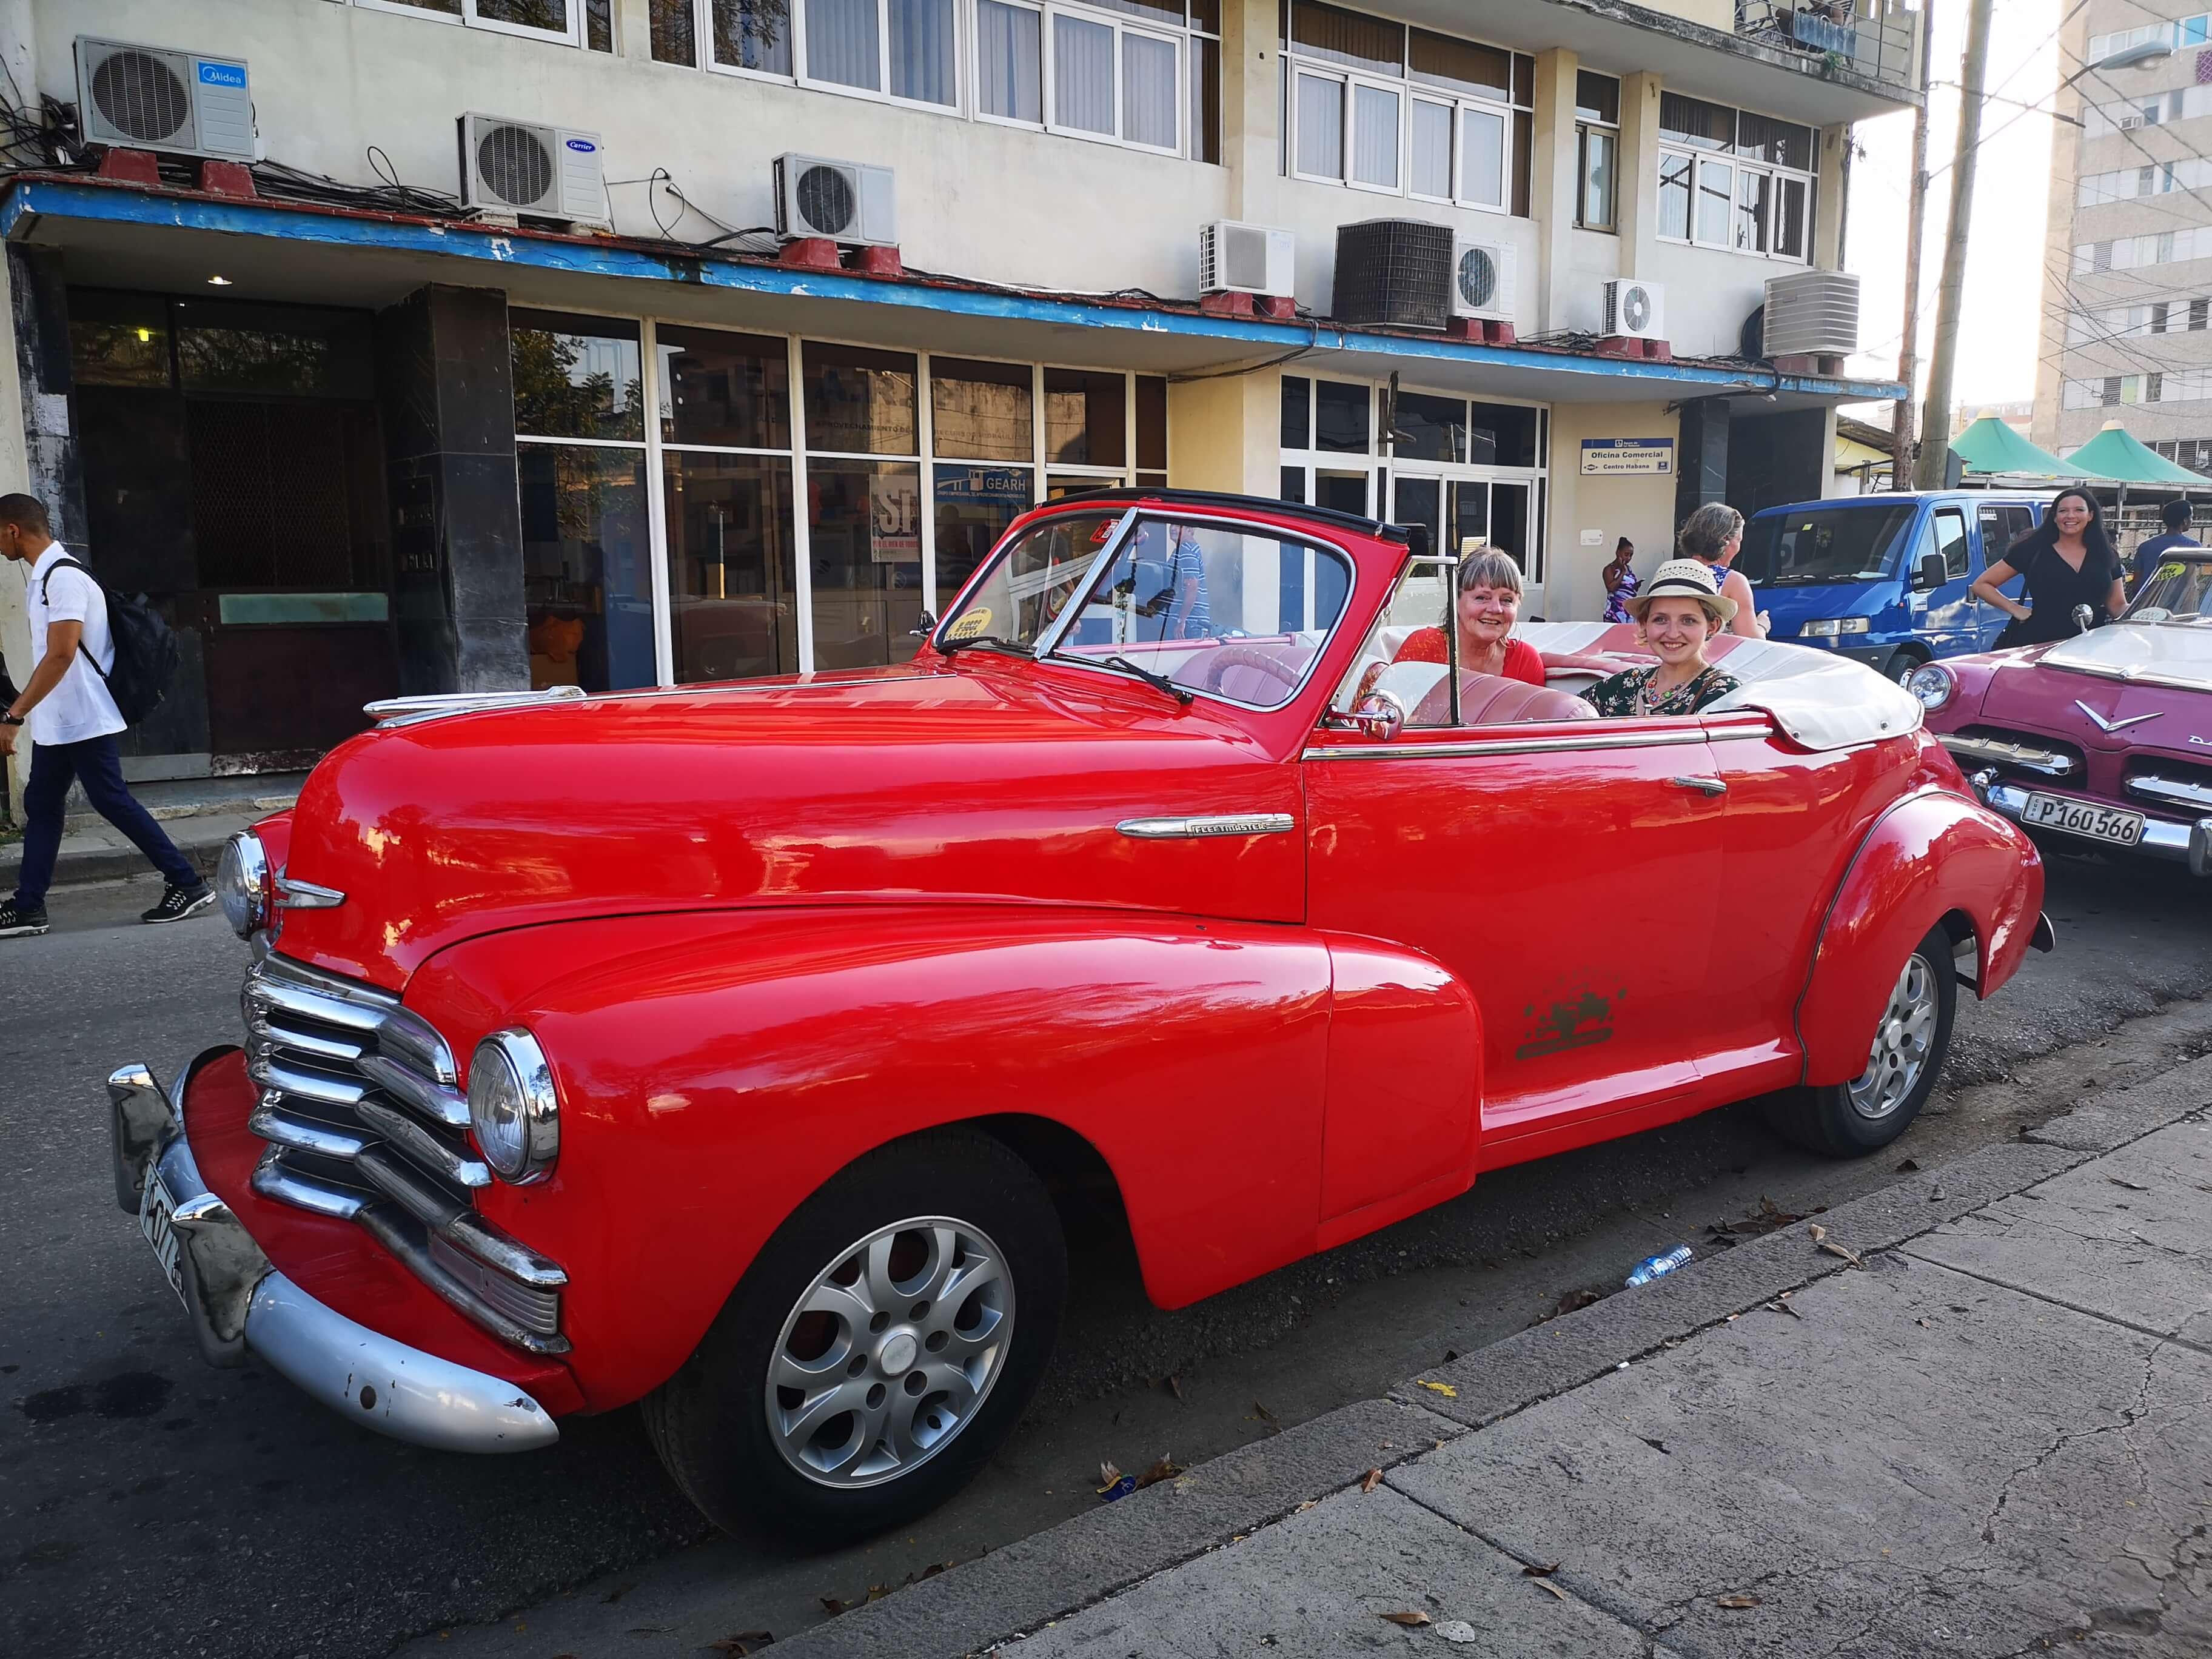 Kjøretur i cabriolet i Havanna